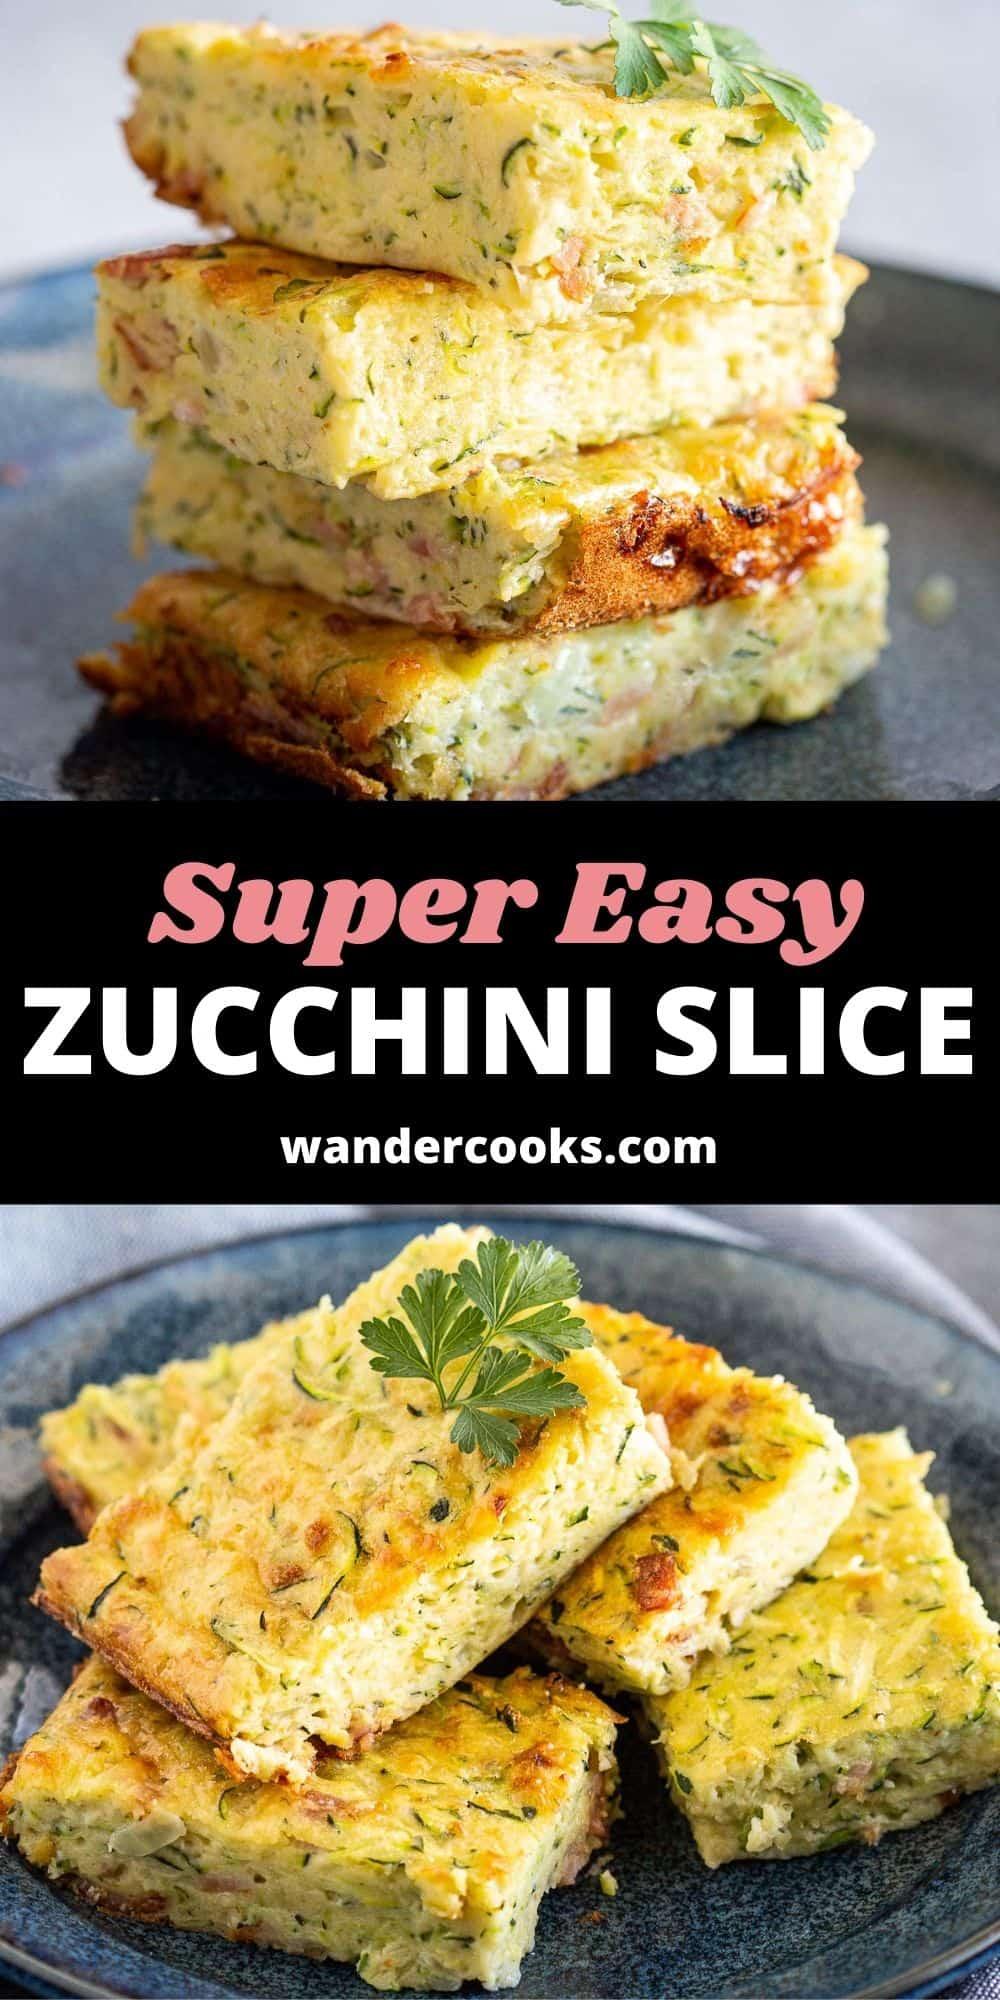 Super Easy Zucchini Slice